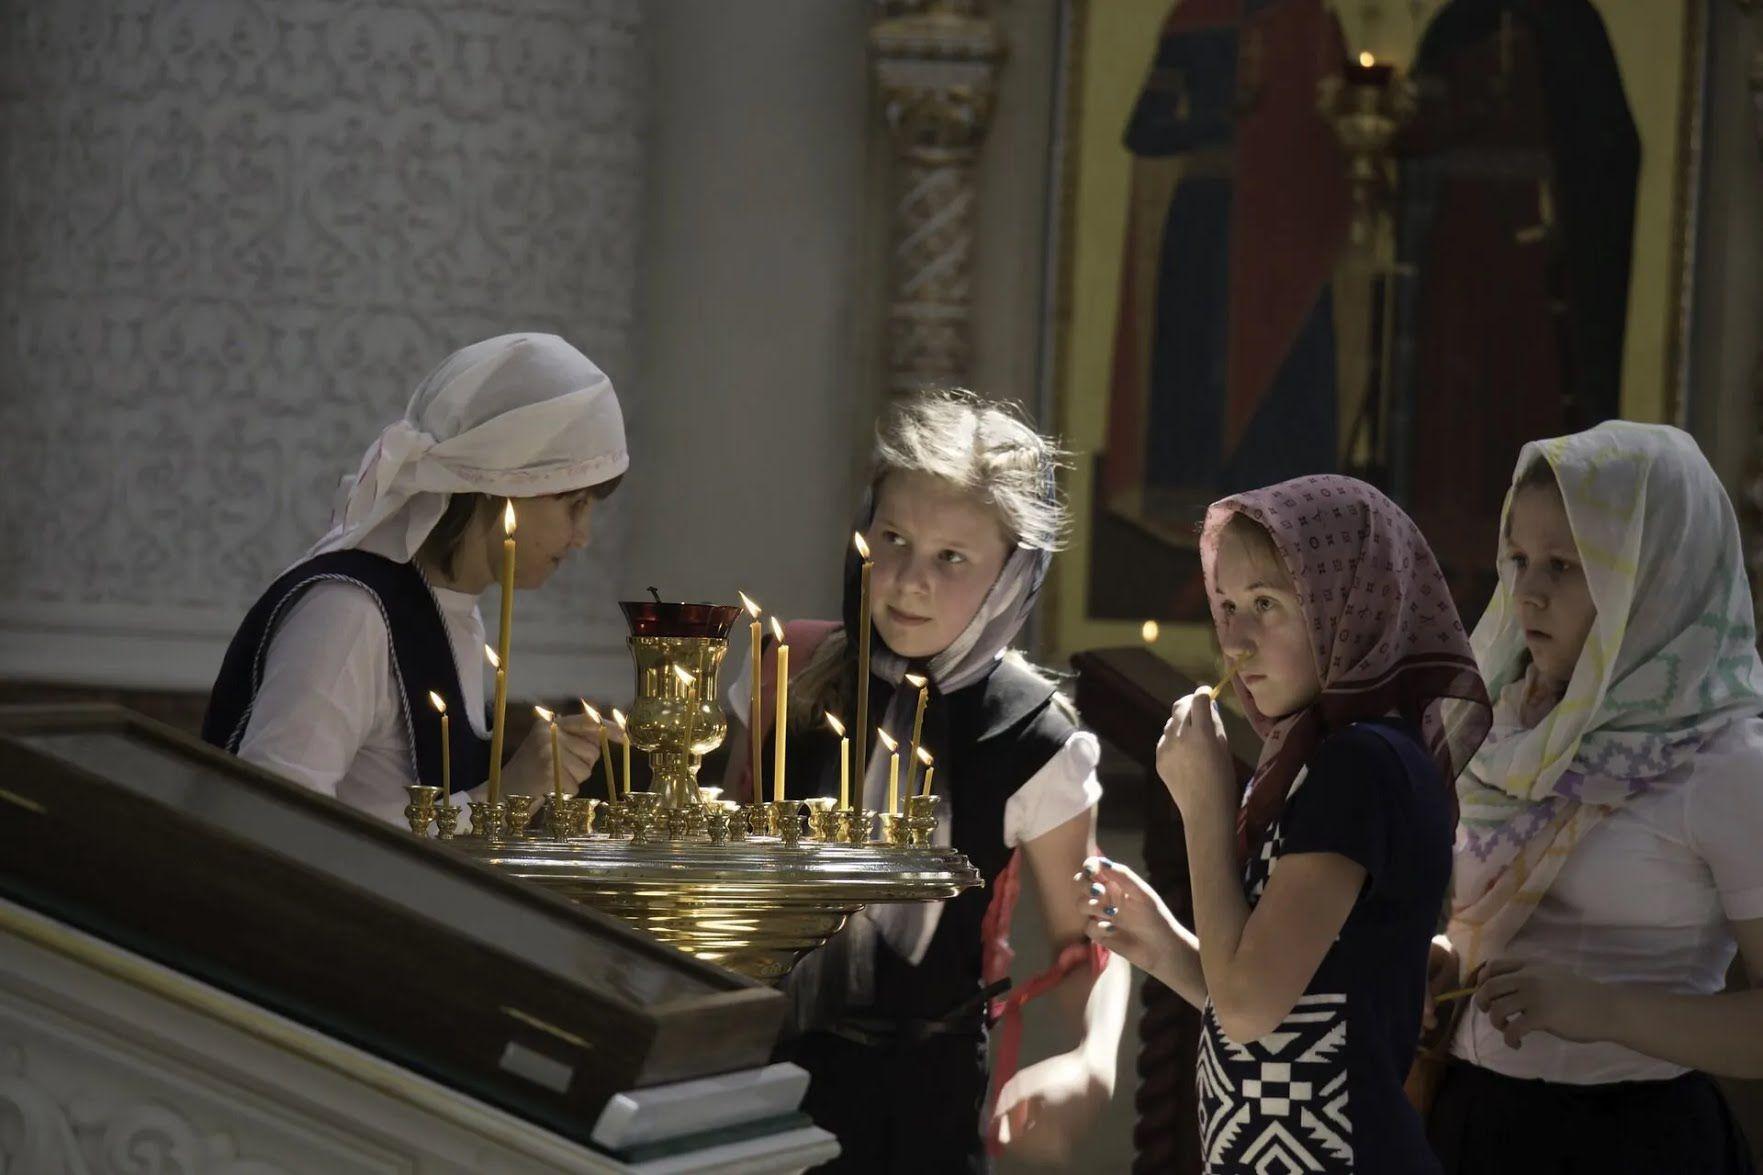 У православ'ї прославляння жінок-мироносиць пов'язано з прославлянням Воскресіння Христового